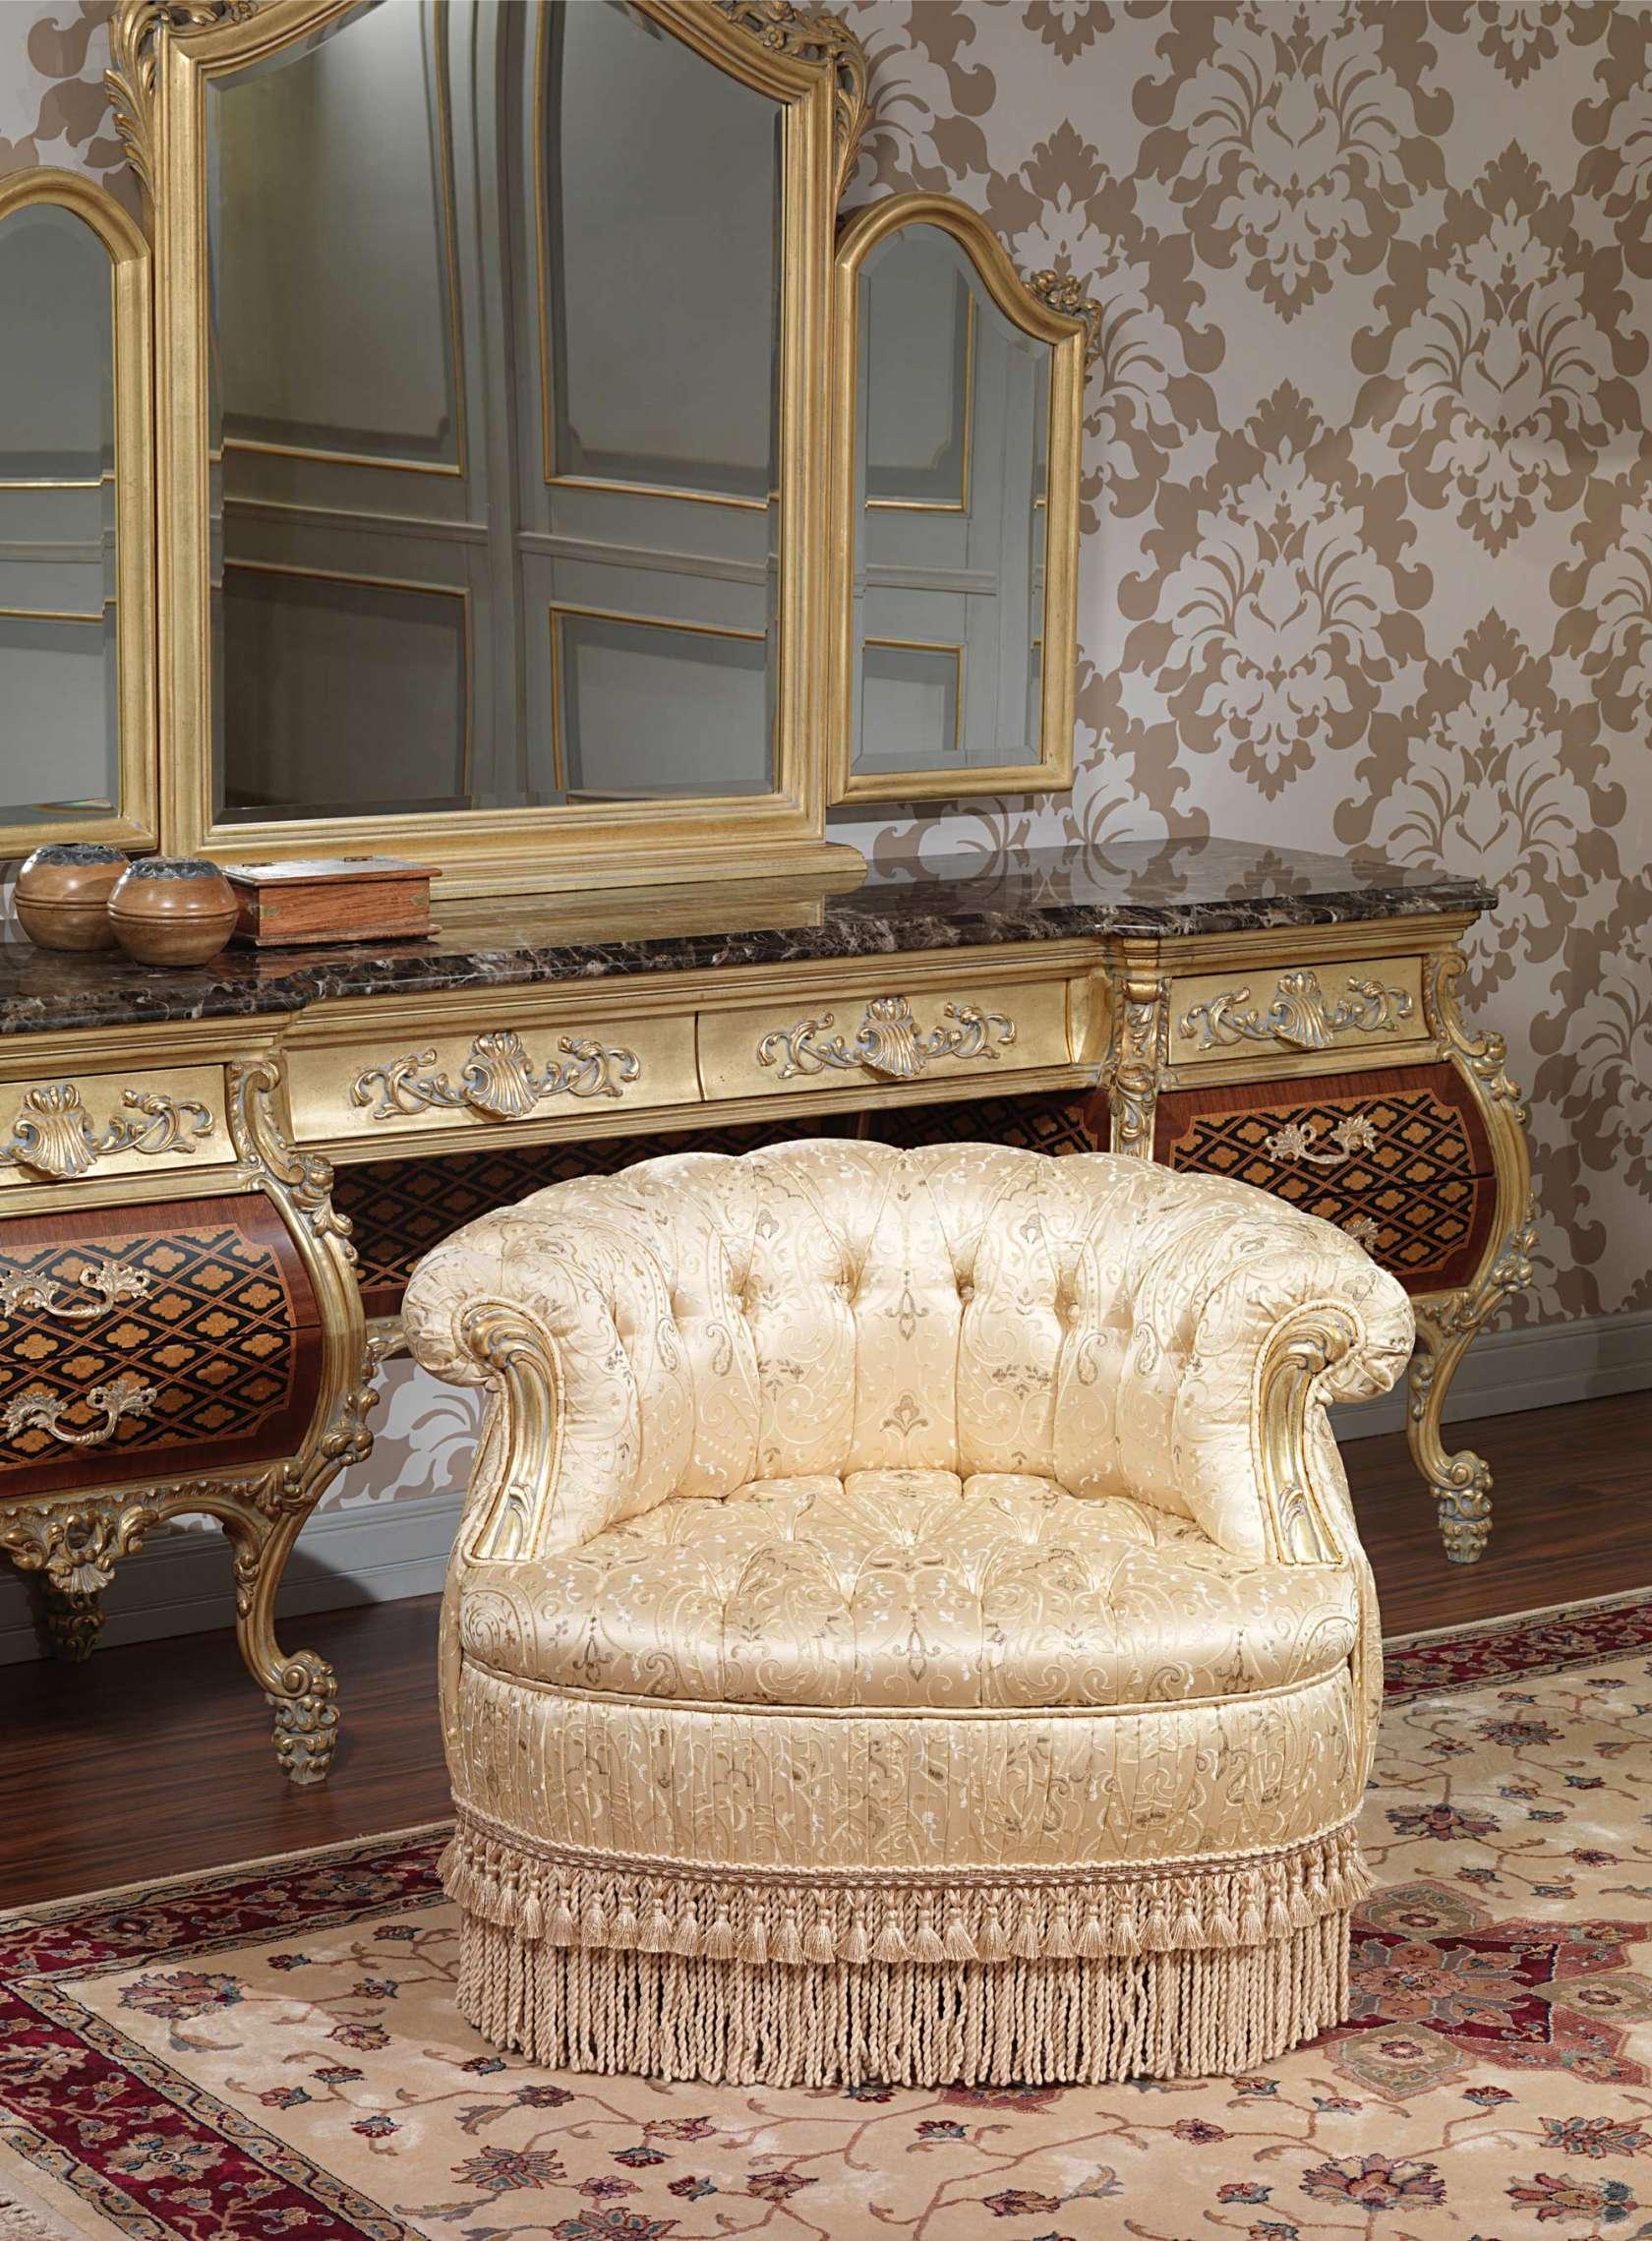 Poltrona per camera di lusso, art. 2011 | Vimercati Meda